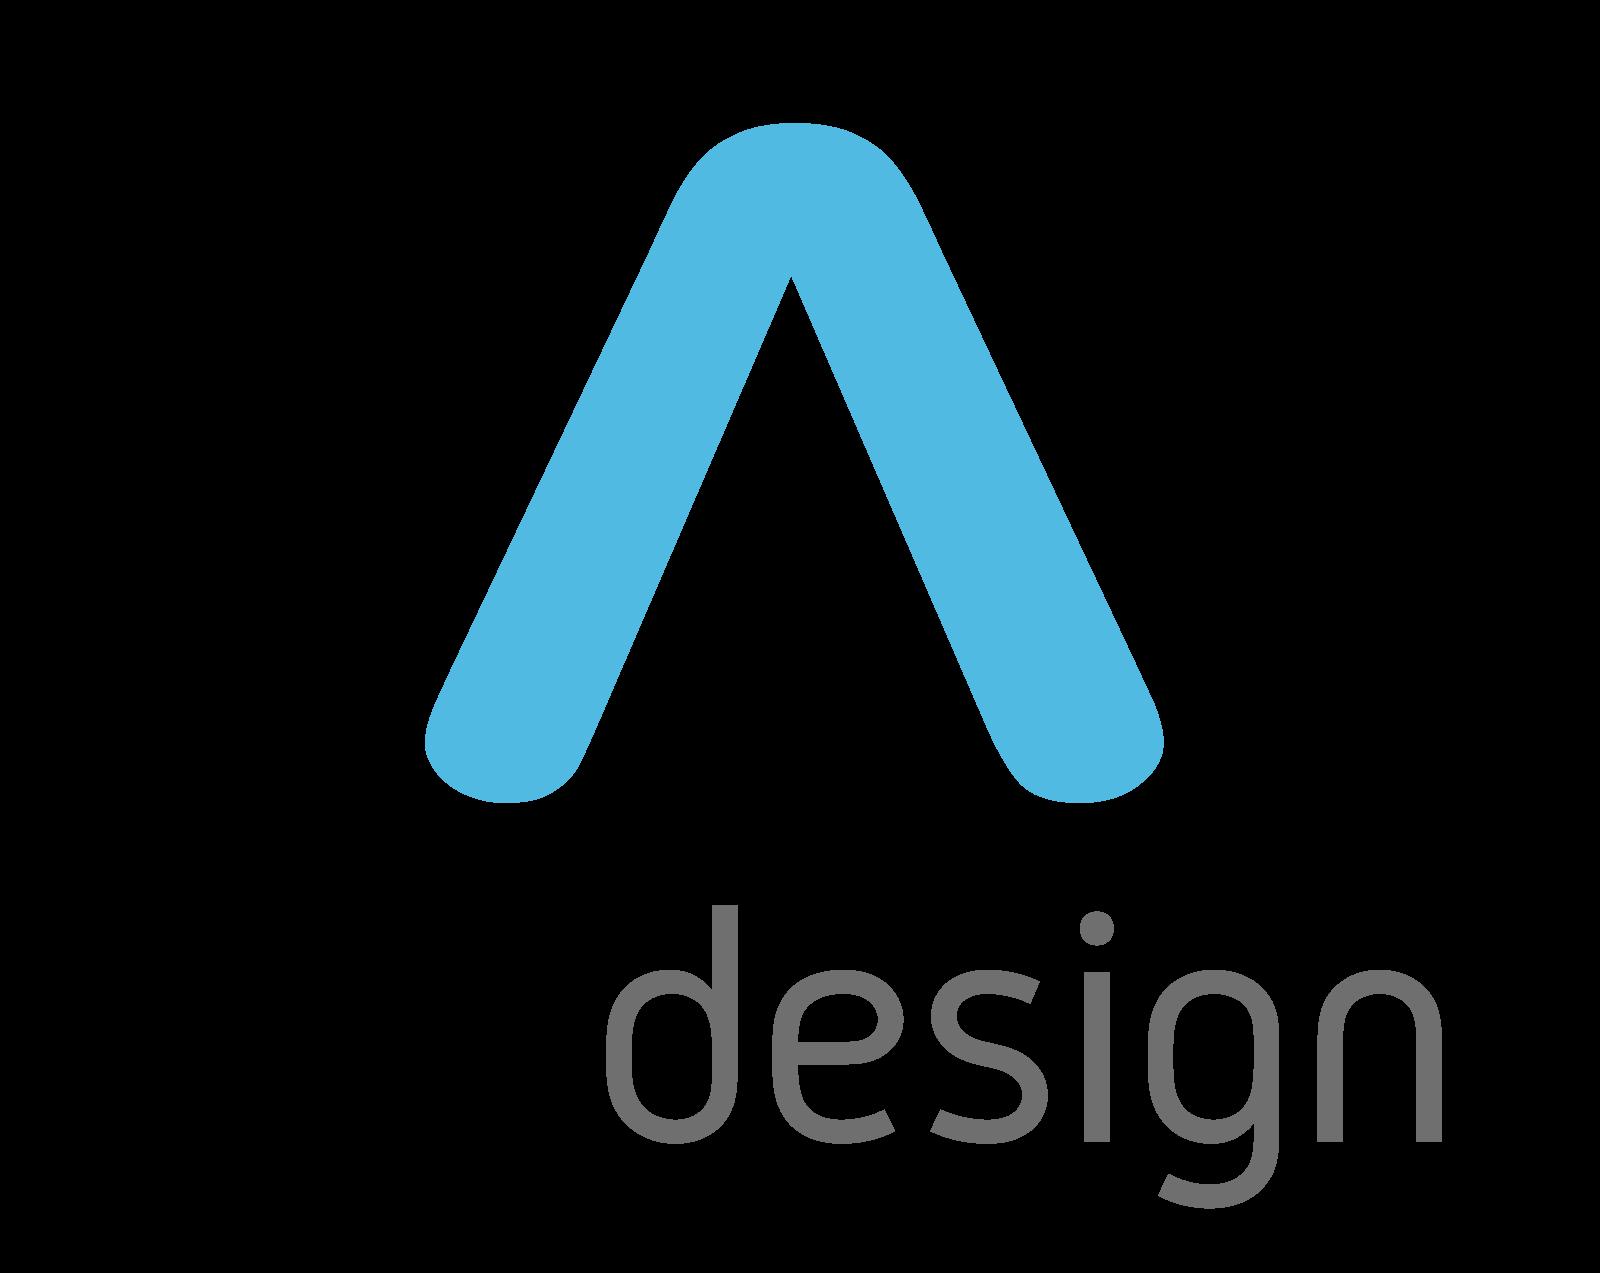 Atkdesign – Web design e design gráfico